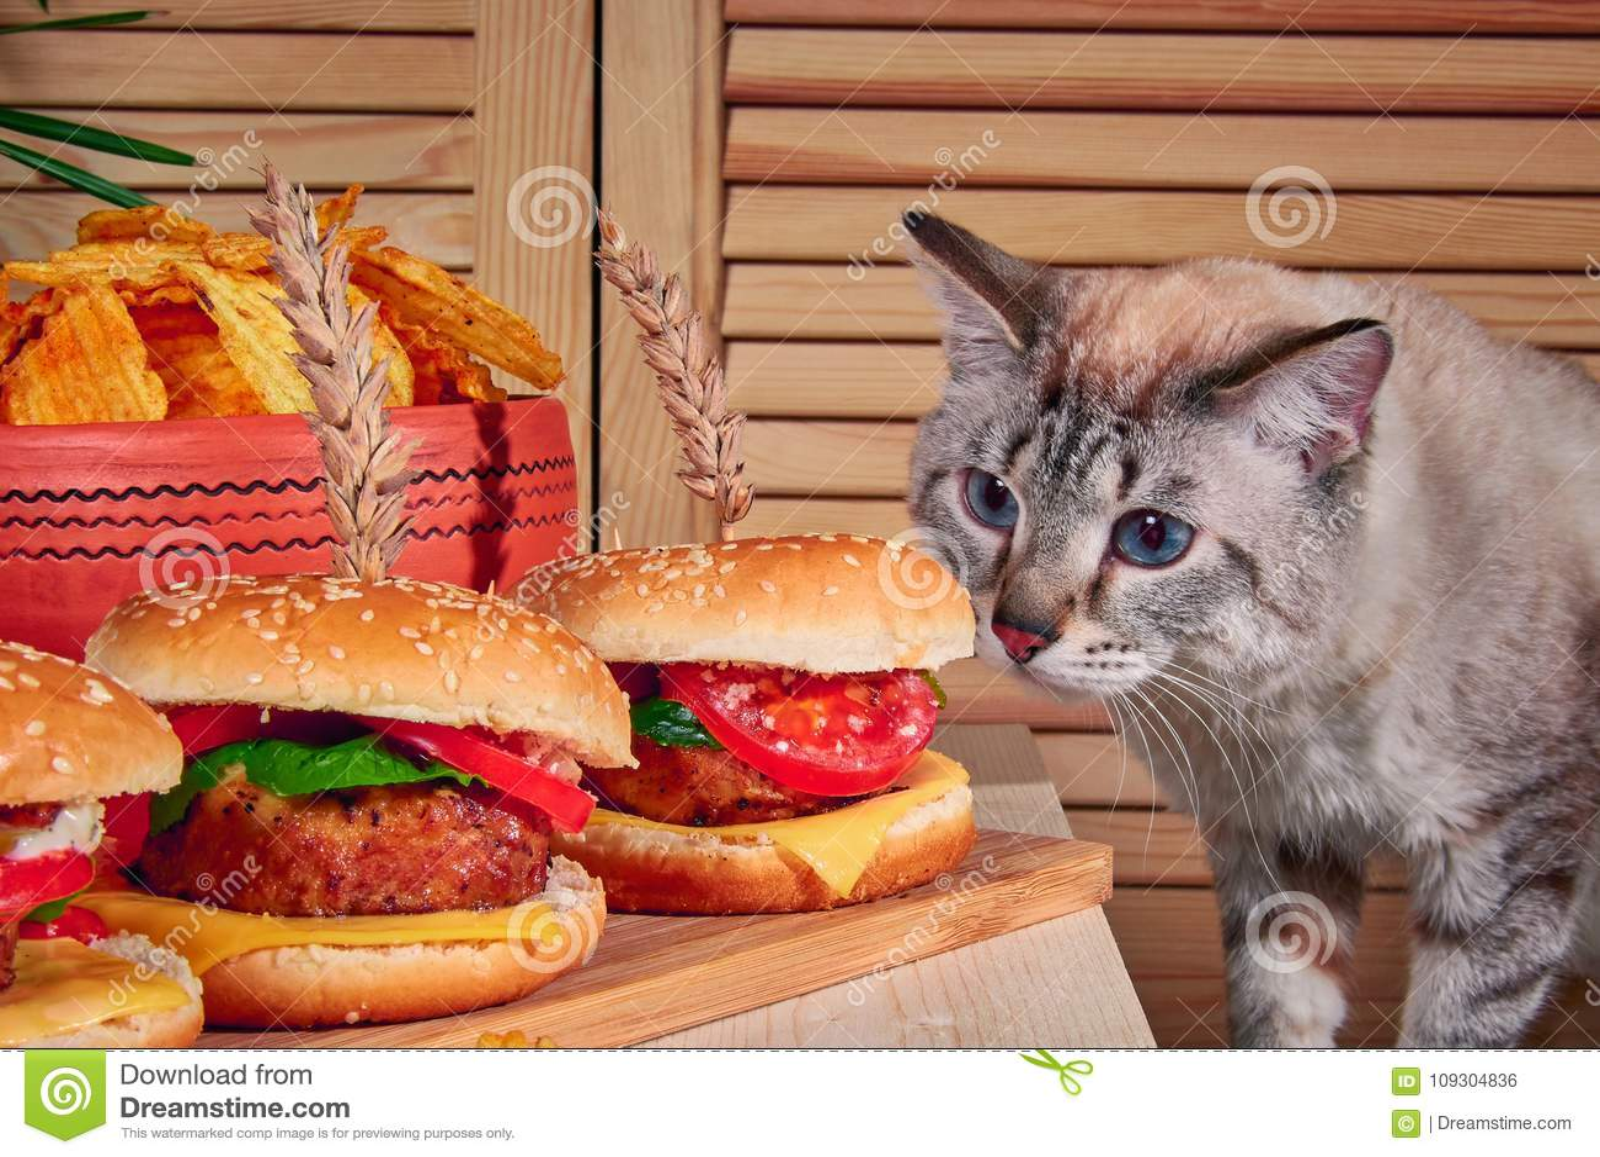 Kot stoi na drewnianej desce w kawiarni obwąchuje hamburgery Kot wspinał się na stole i obwąchiwał hamburgery z mięsem